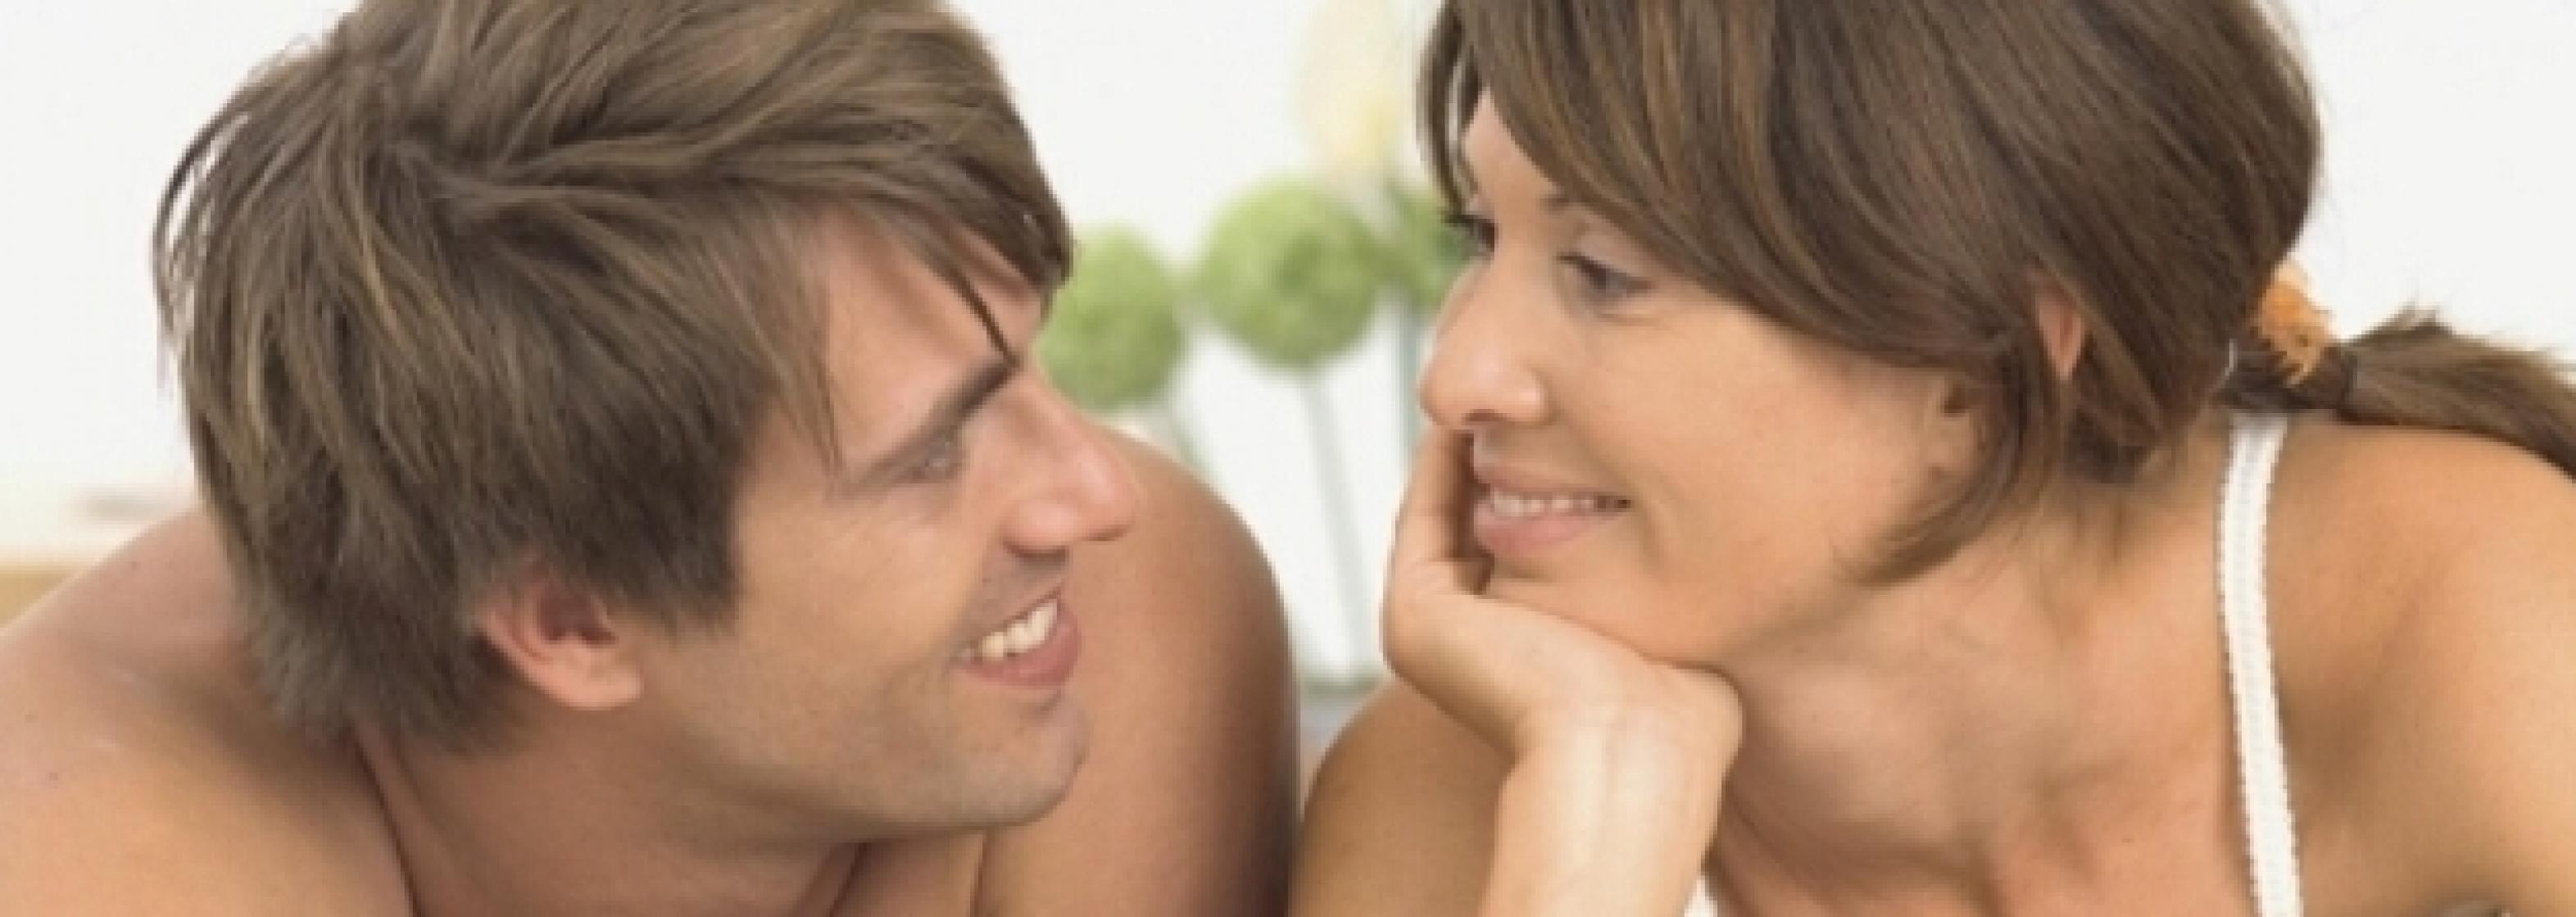 Mann und Frau im Bett Schmuckbild